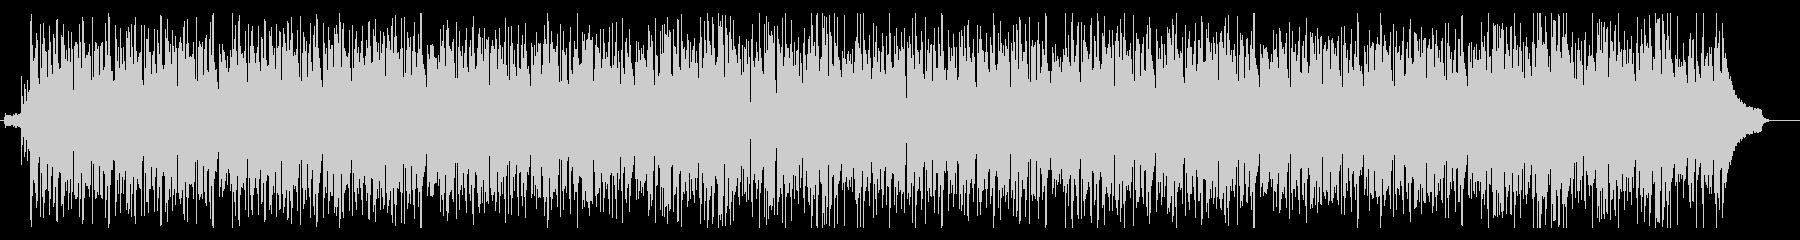 琴と尺八×ボサノバ!和風BGM 2の未再生の波形